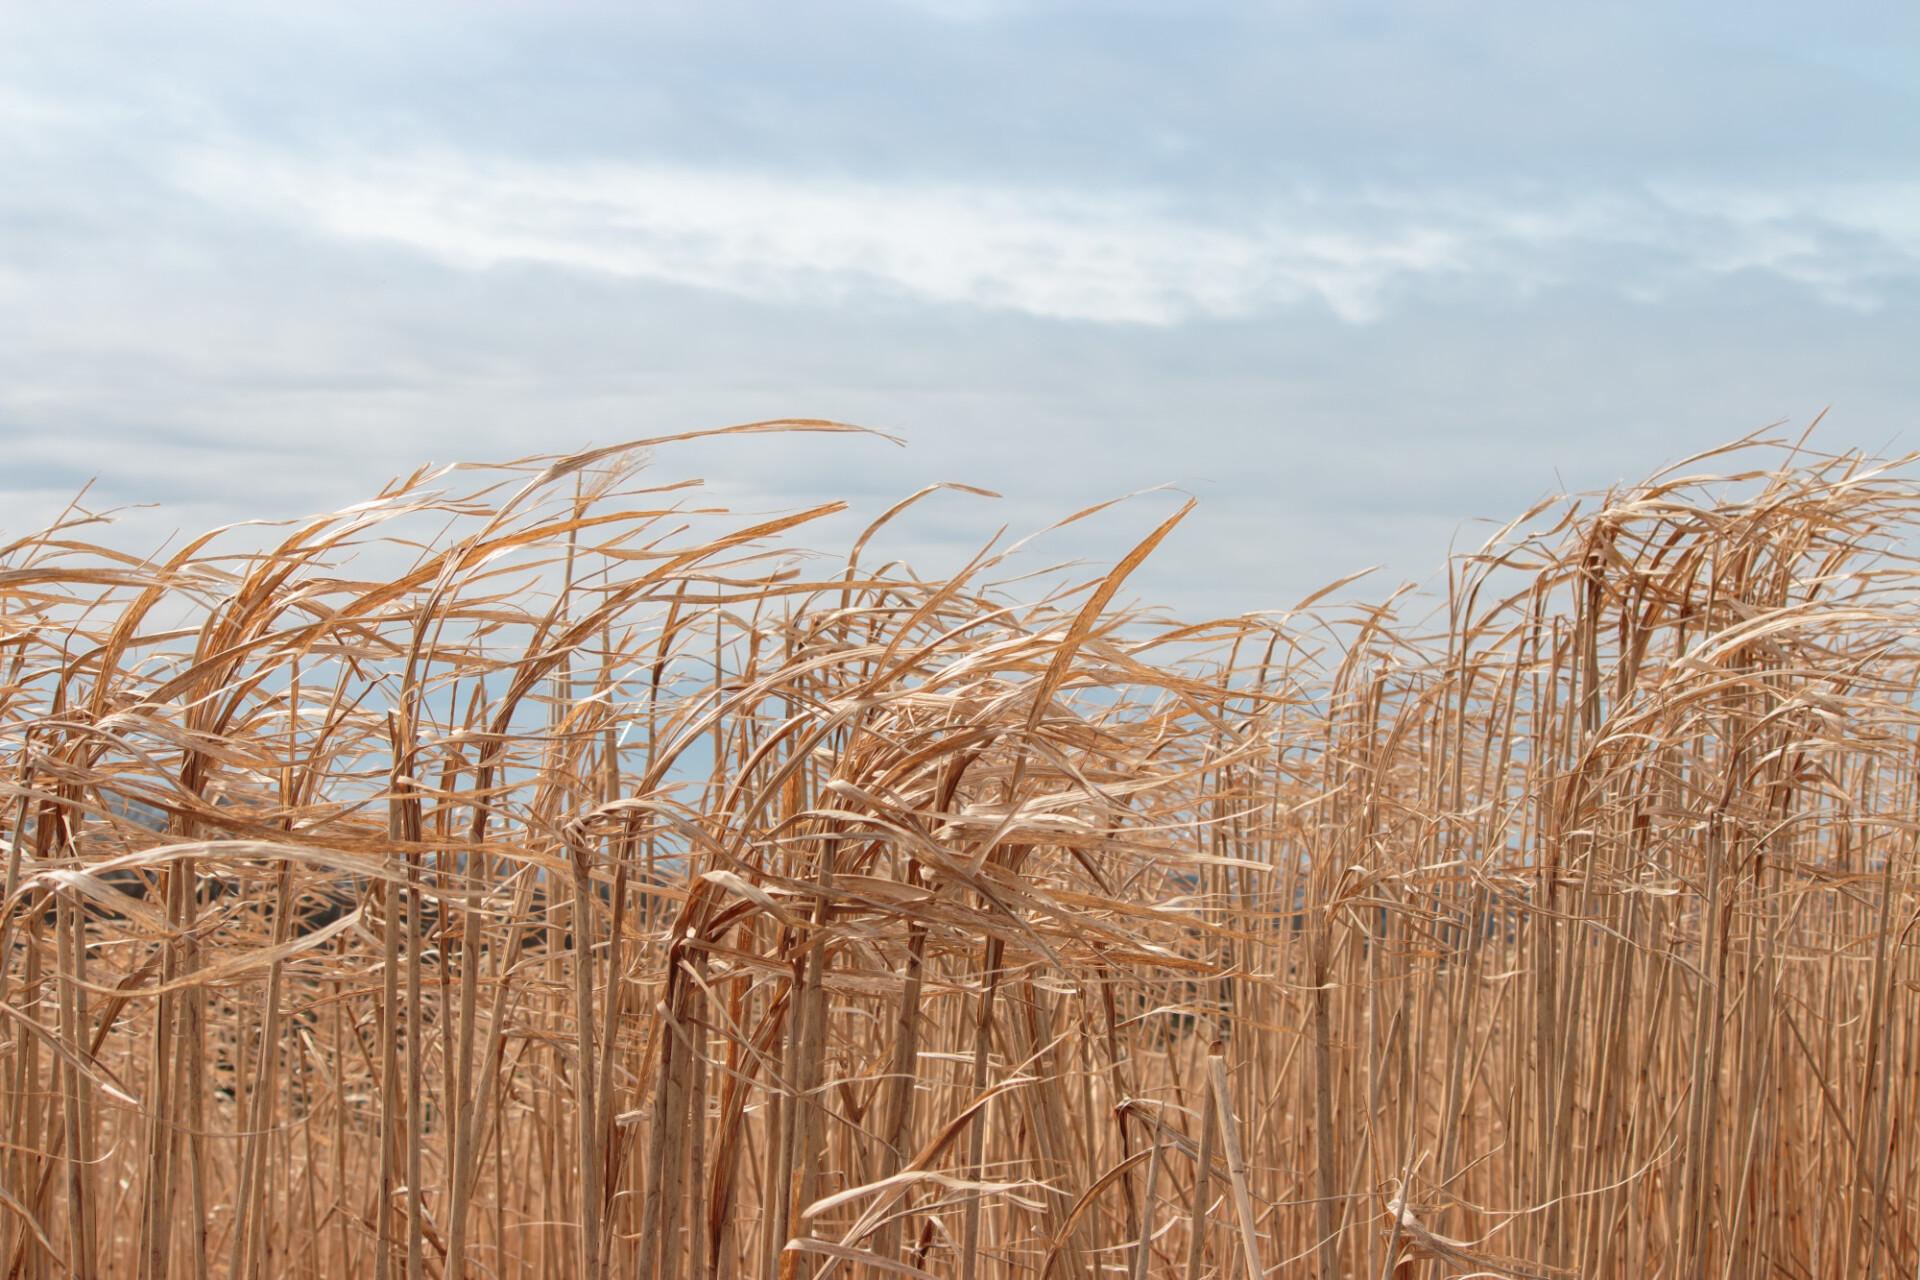 Dry straw grass